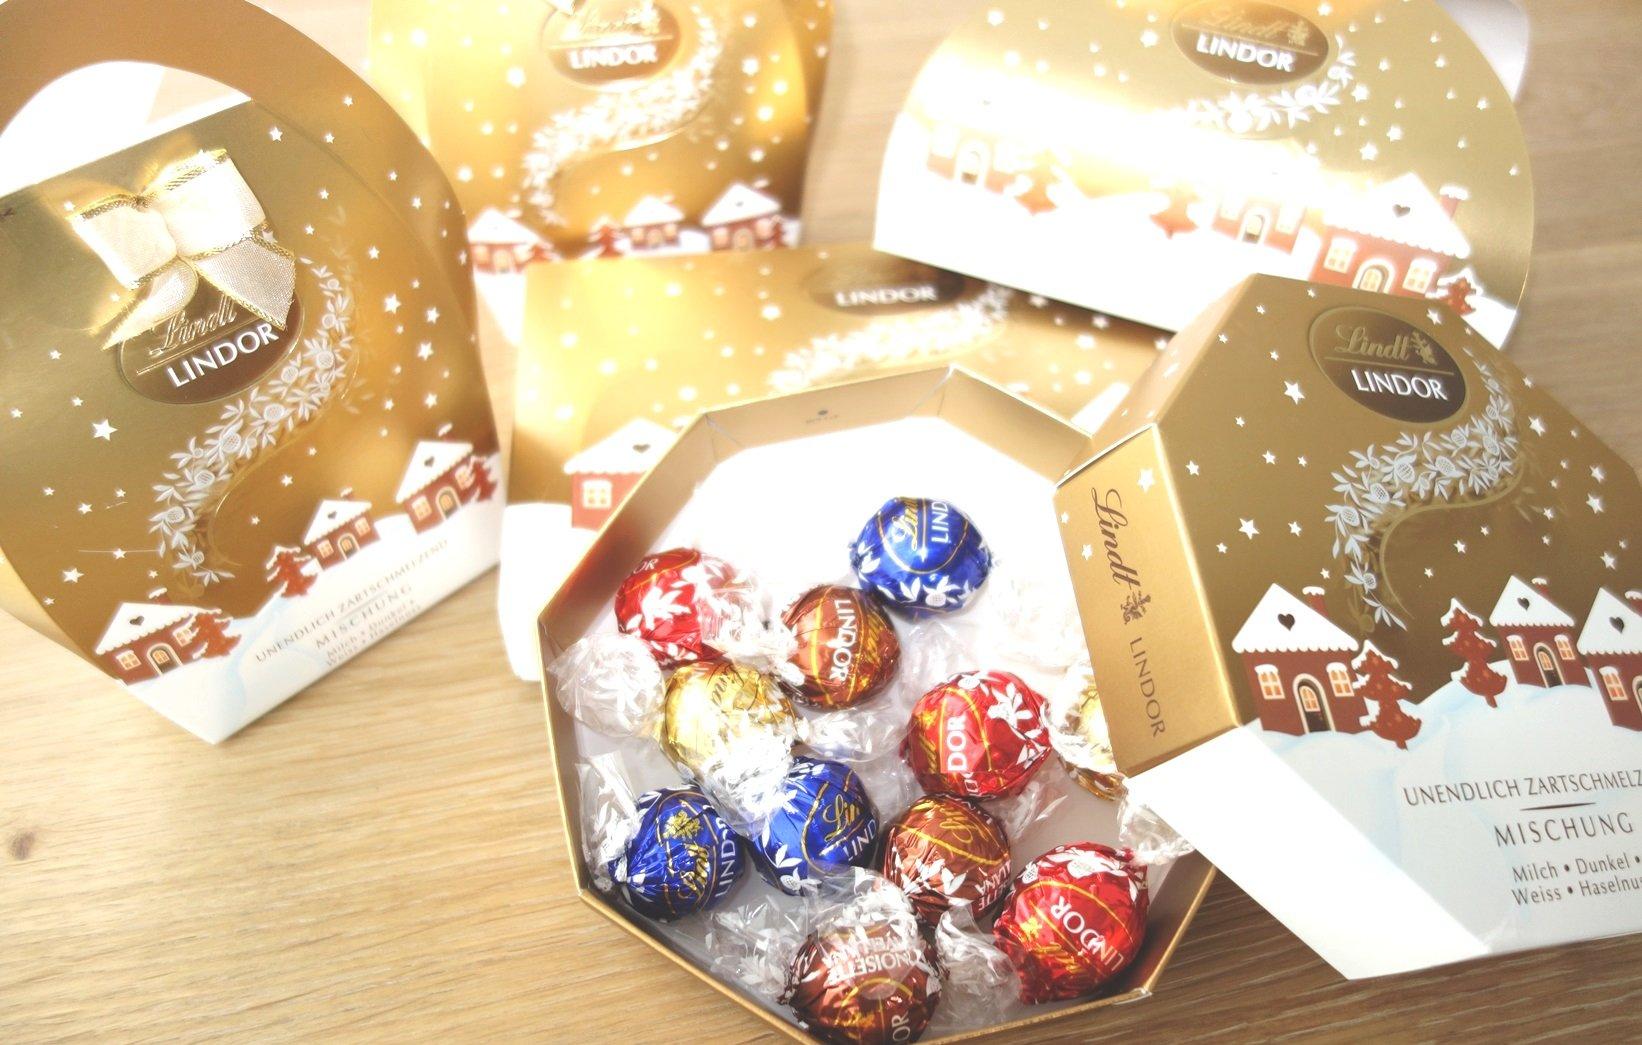 DSC01230 - Ist den schon Weihnachten? In den Läden weihnachtet es schon so....